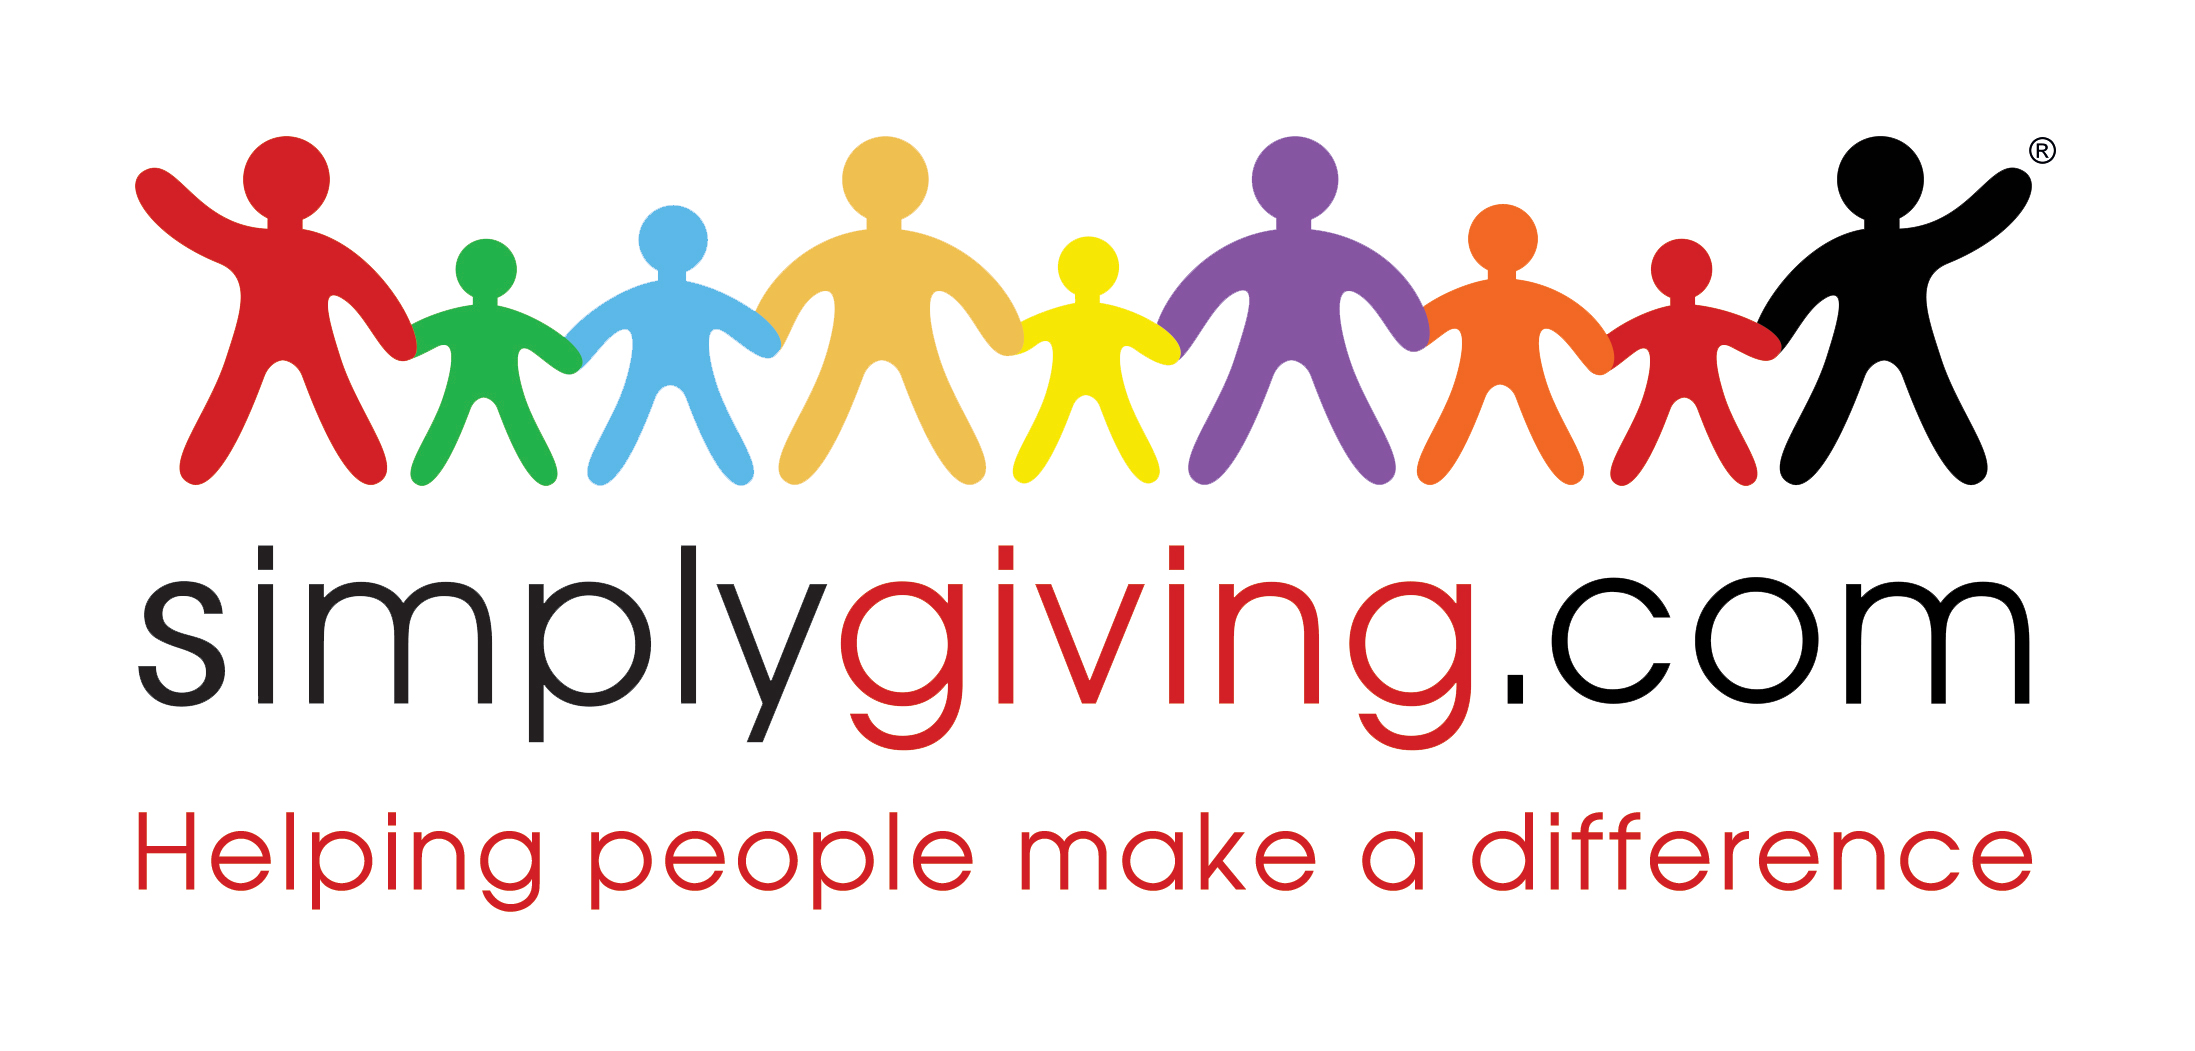 SimplyGiving.com_Logo_2015